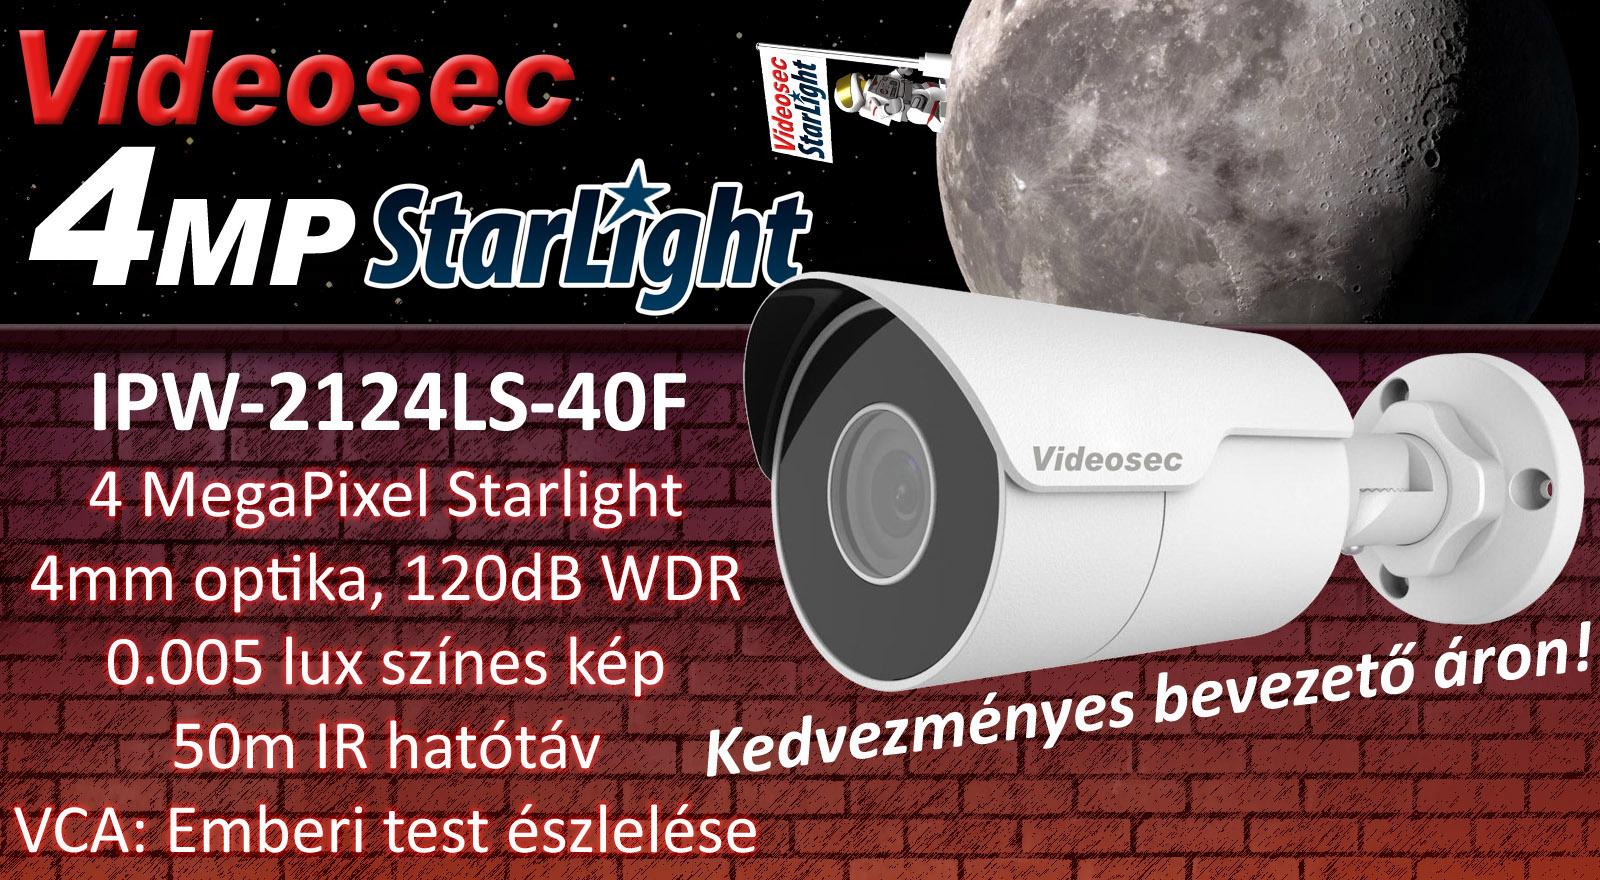 Új 4MP Starlight kamera